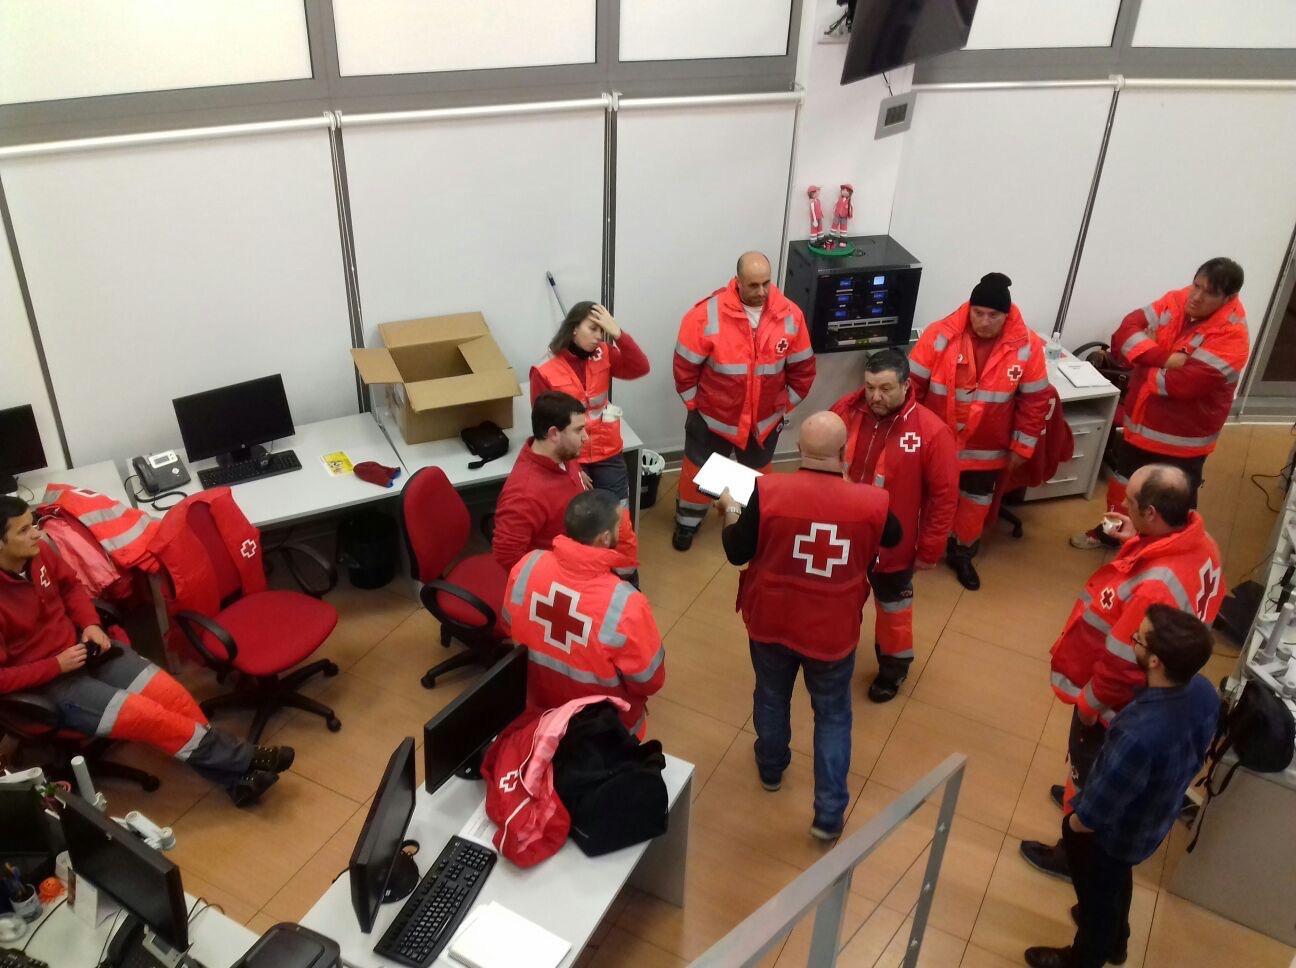 Voluntarios de la Cruz Roja durante una reunión preparatoria del voluntariado para ayudar a los conductores atrapados en la A-3 por el temporal.